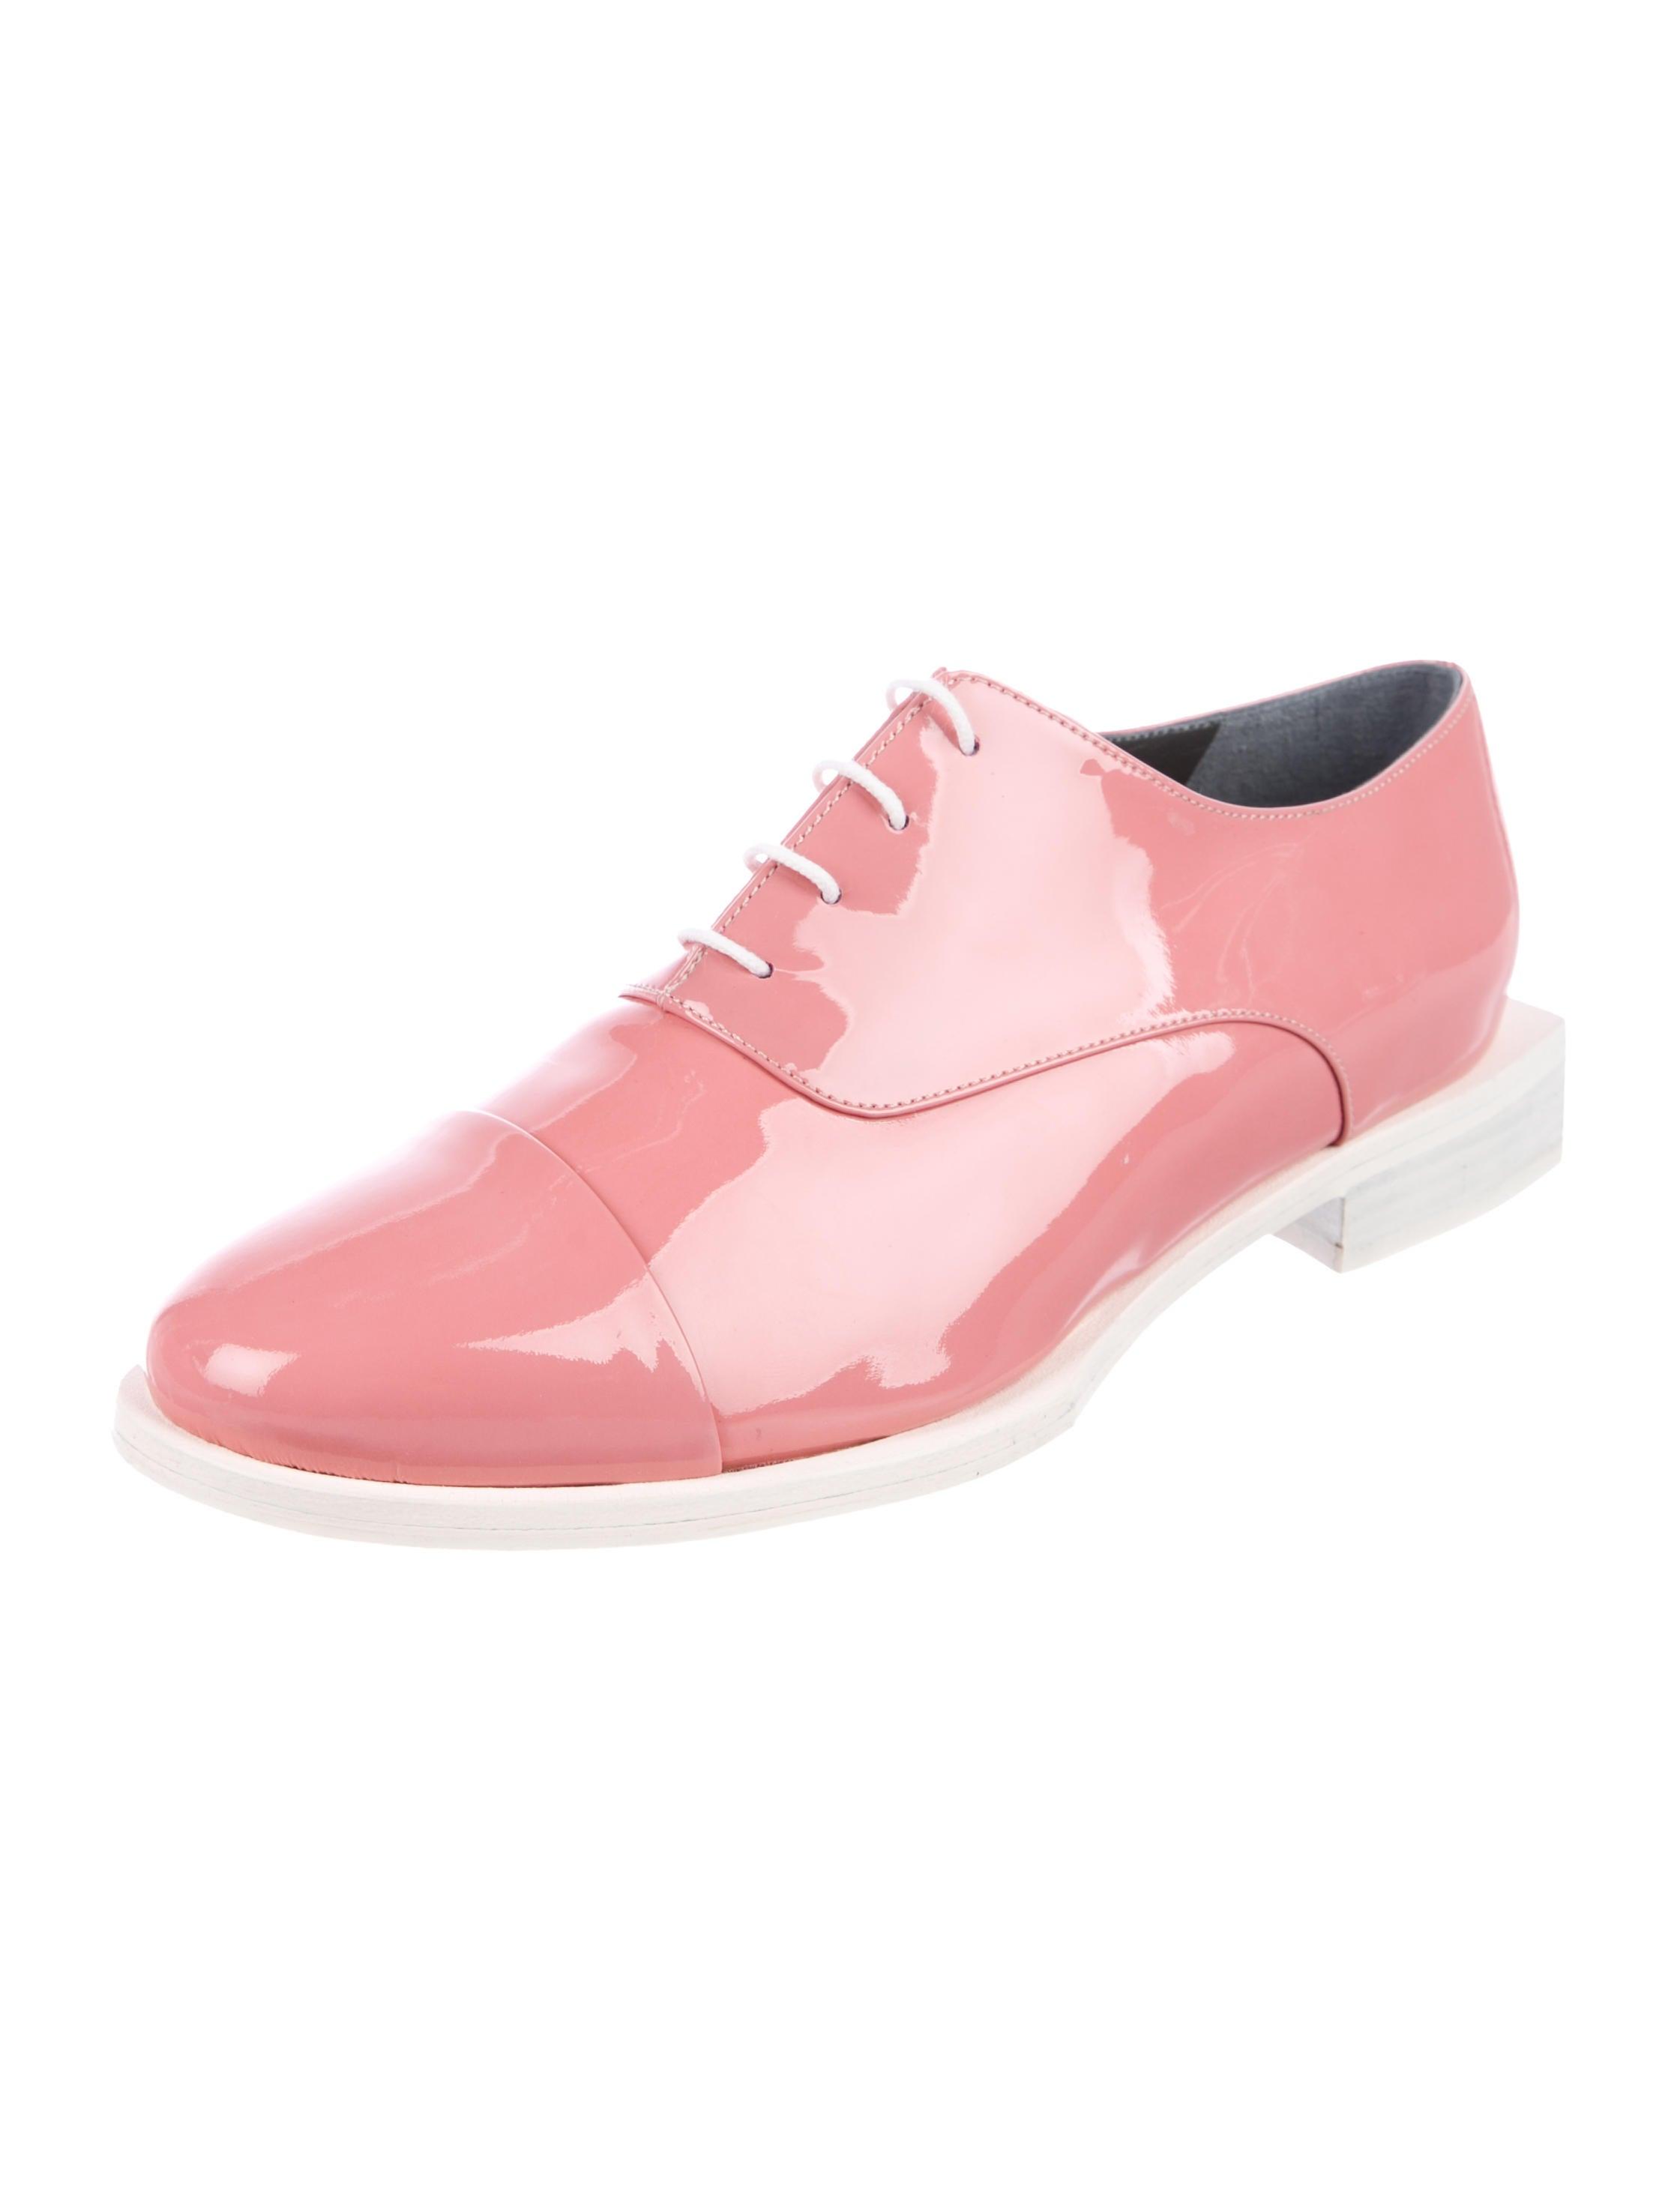 Amélie Pichard Coco Patent Leather Oxfords cheap buy wp6ibjrAu